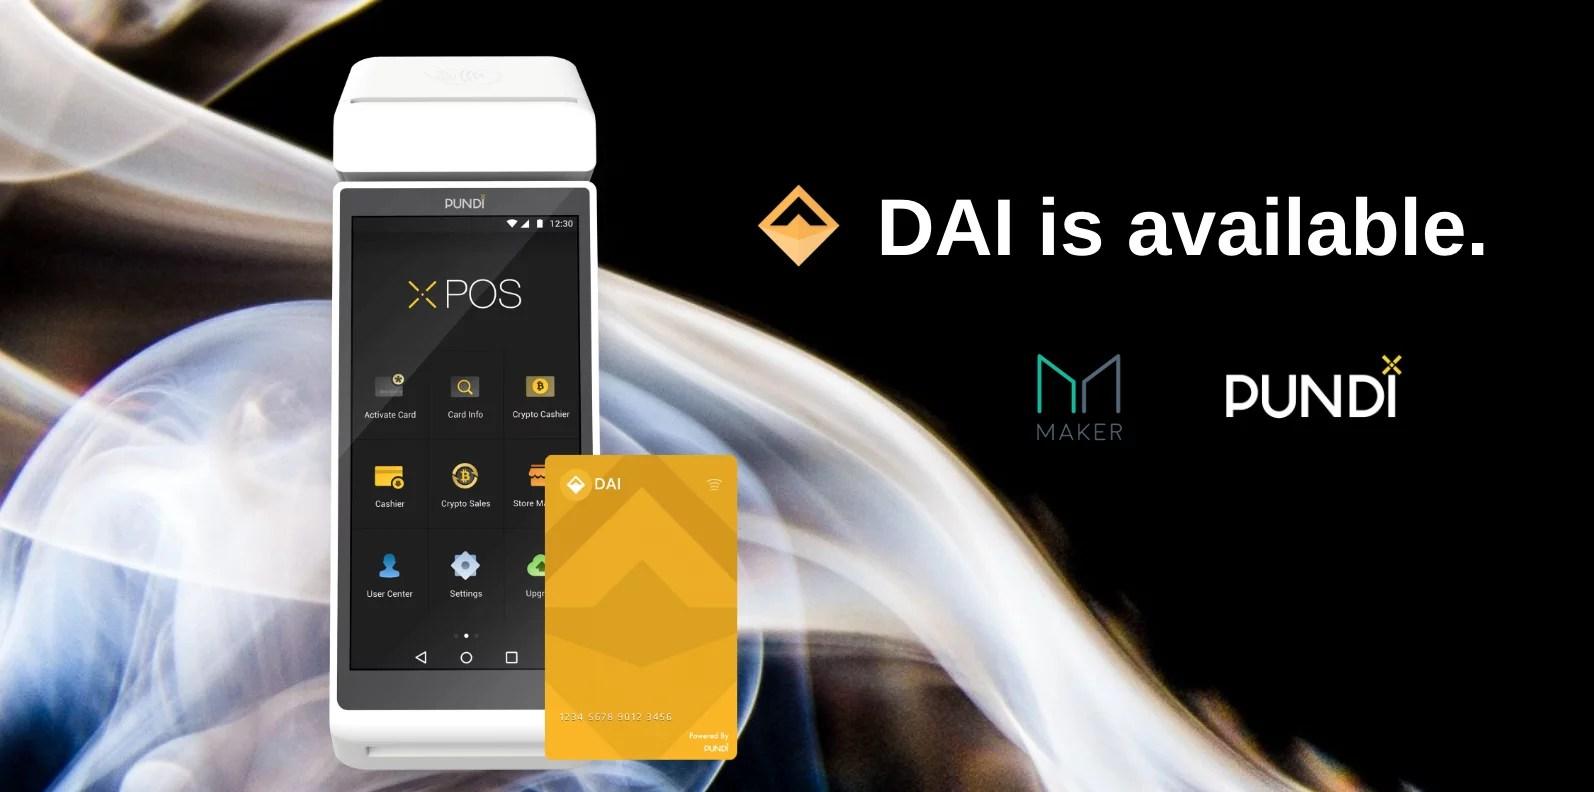 PundiX agrega DAI en su plataforma